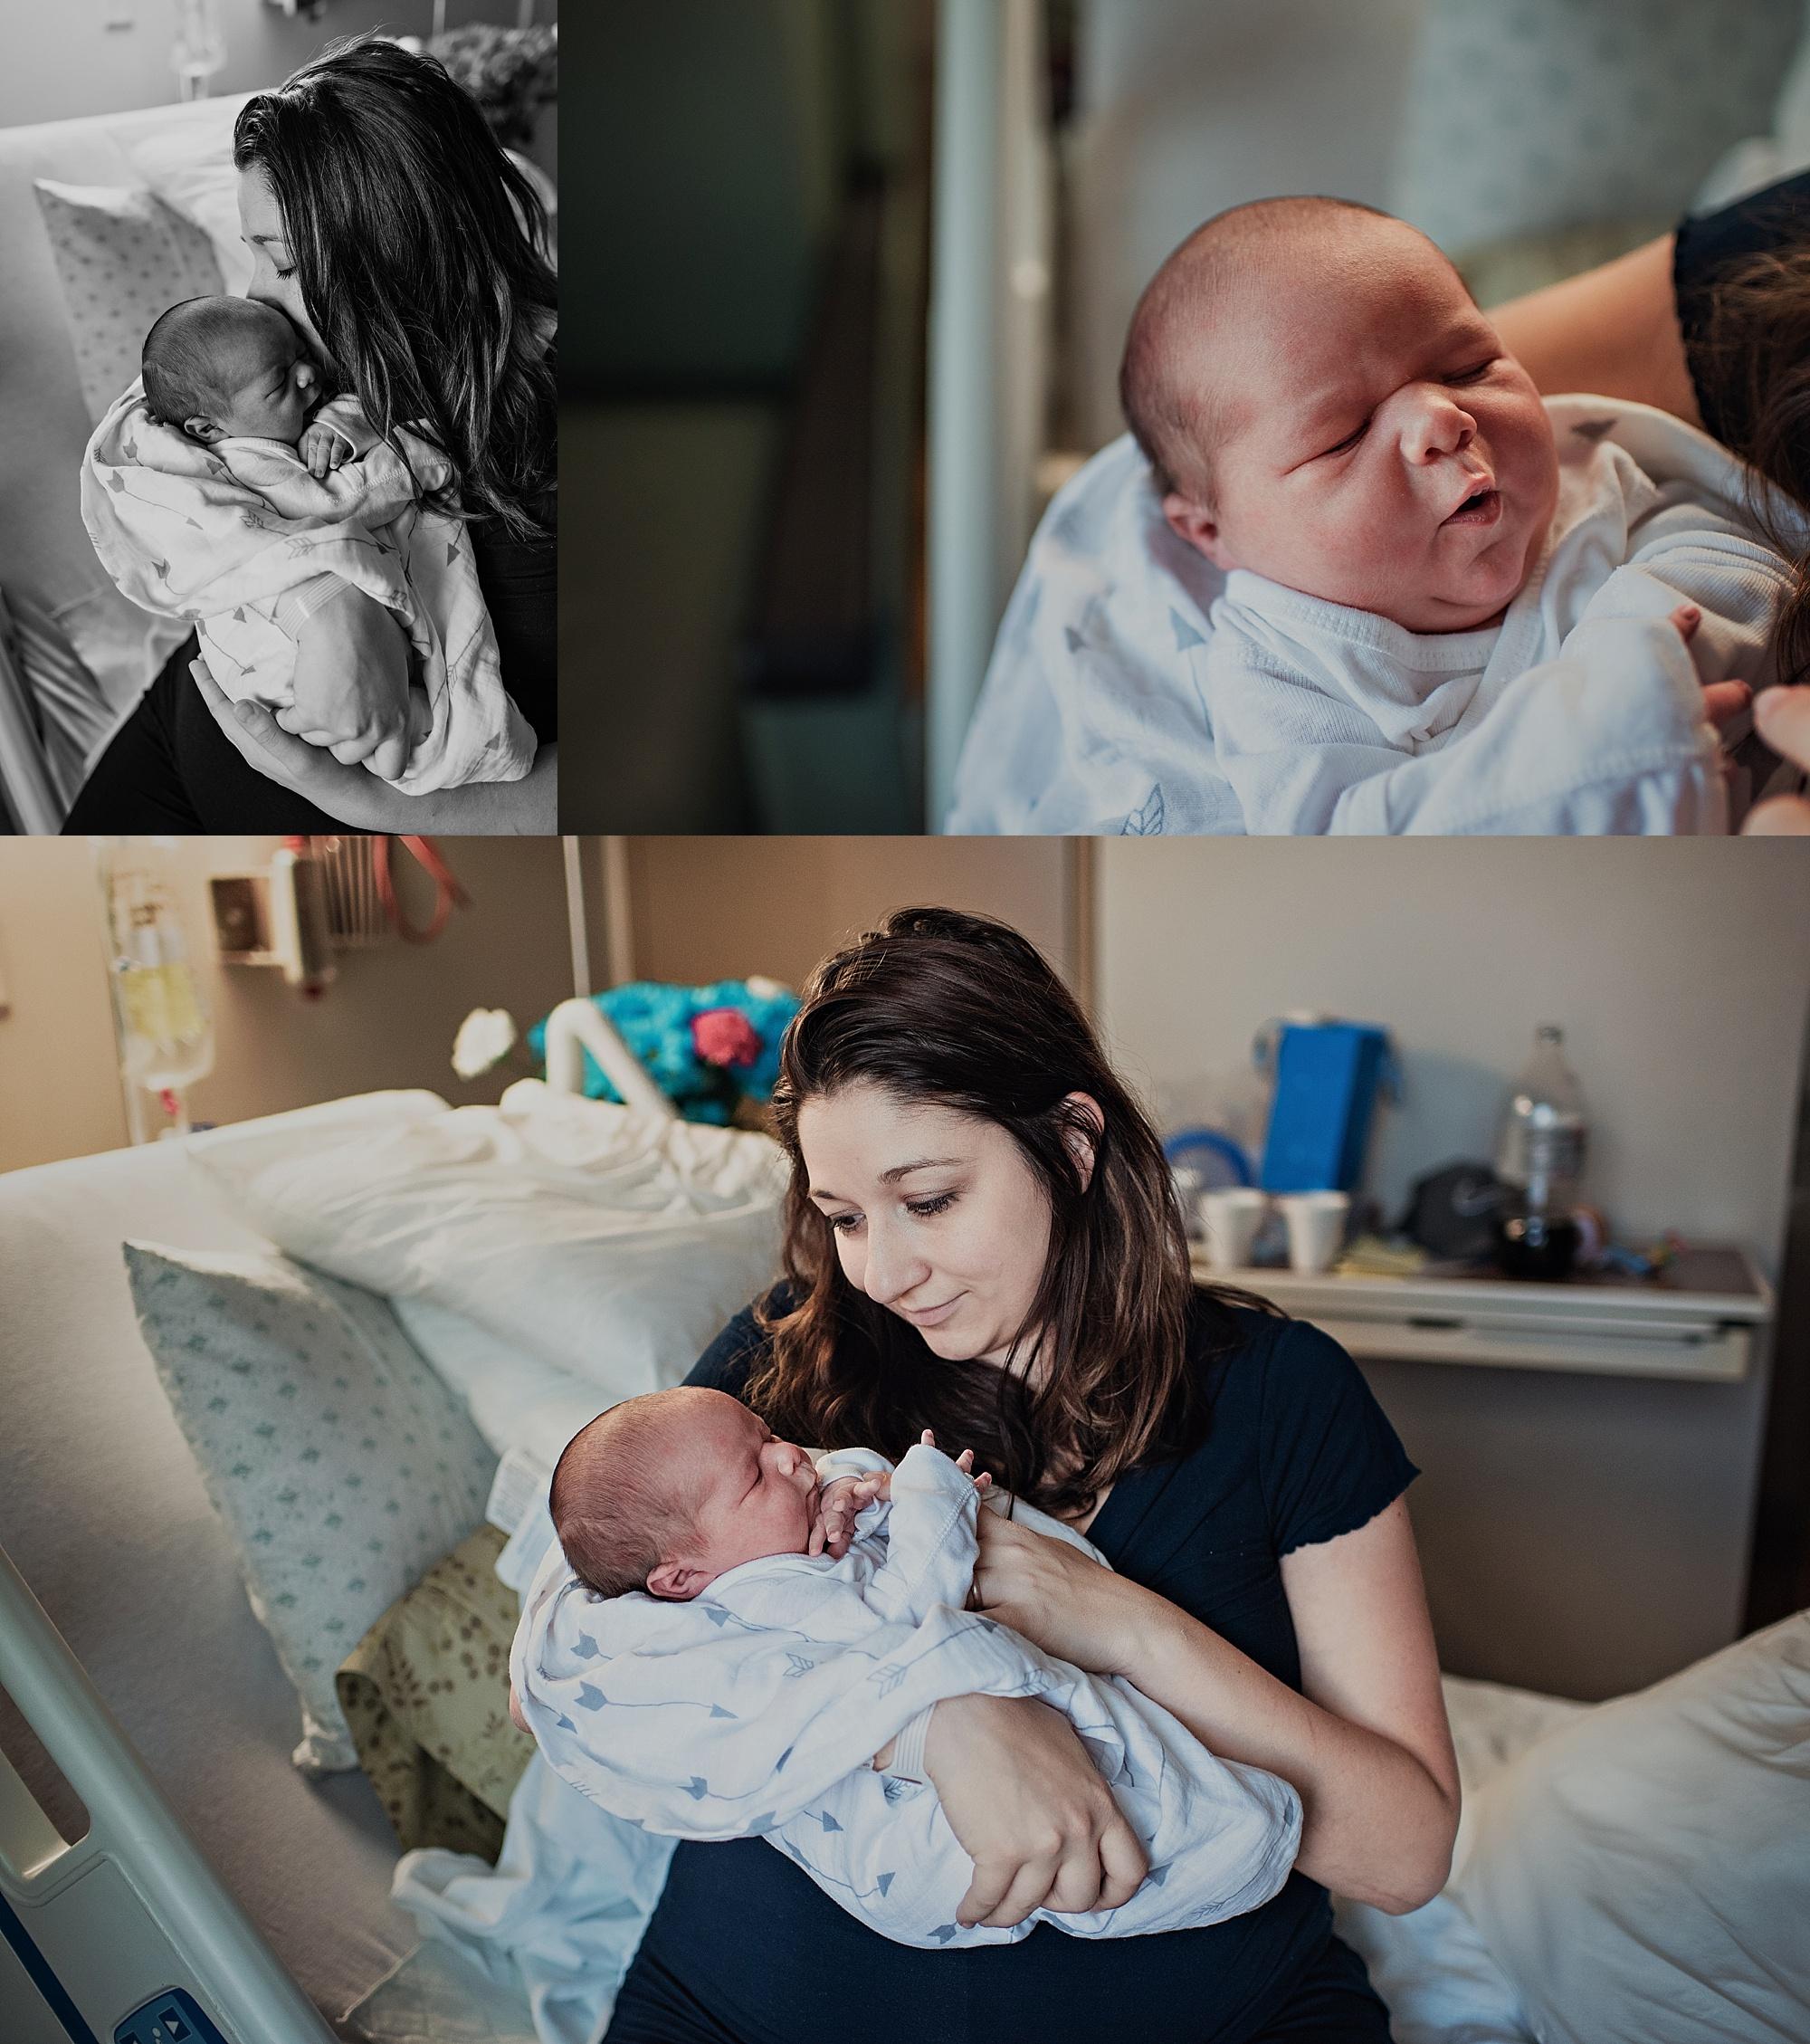 Dudones-family-cleveland-photographer-lauren-grayson-fresh-48-session_0052.jpg